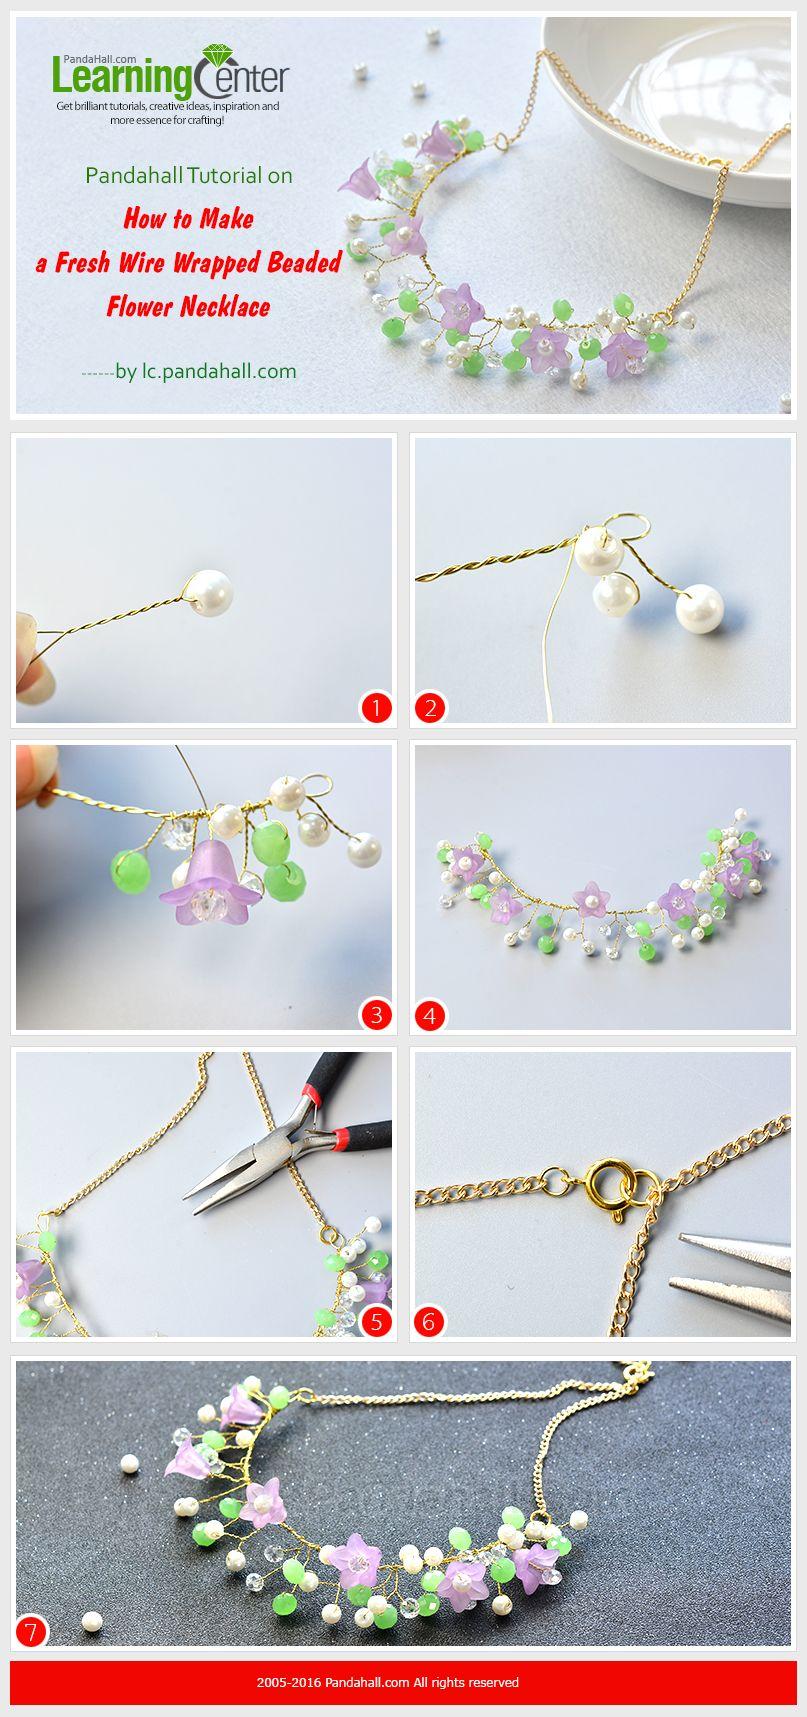 Pin von PandaHall.com auf Jewelry Making Tutorials & Tips 2 ...